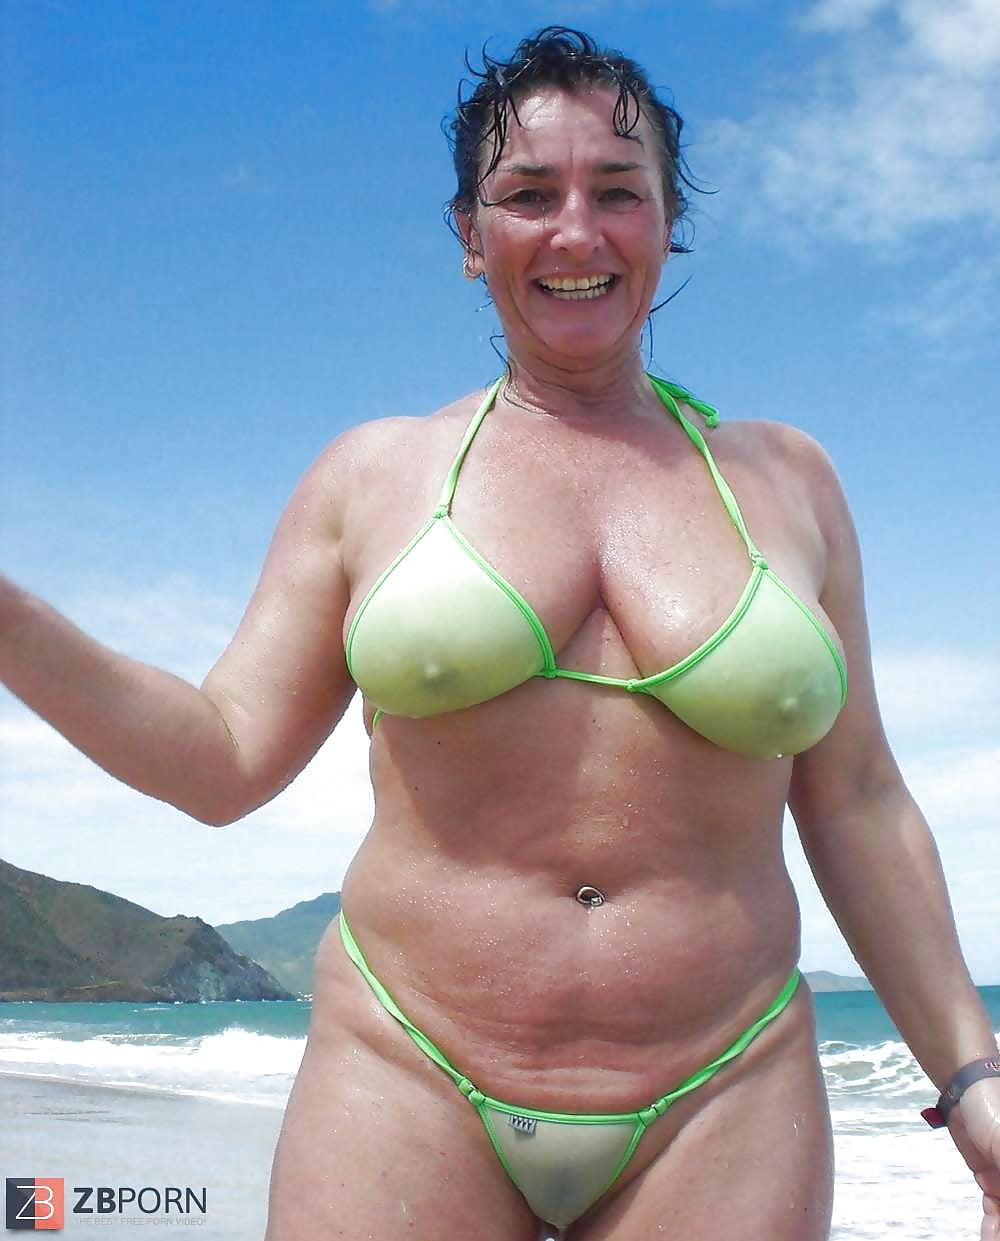 Mature big tits at beach pics Big Tits Mature On A Beach 92 Pics Xhamster